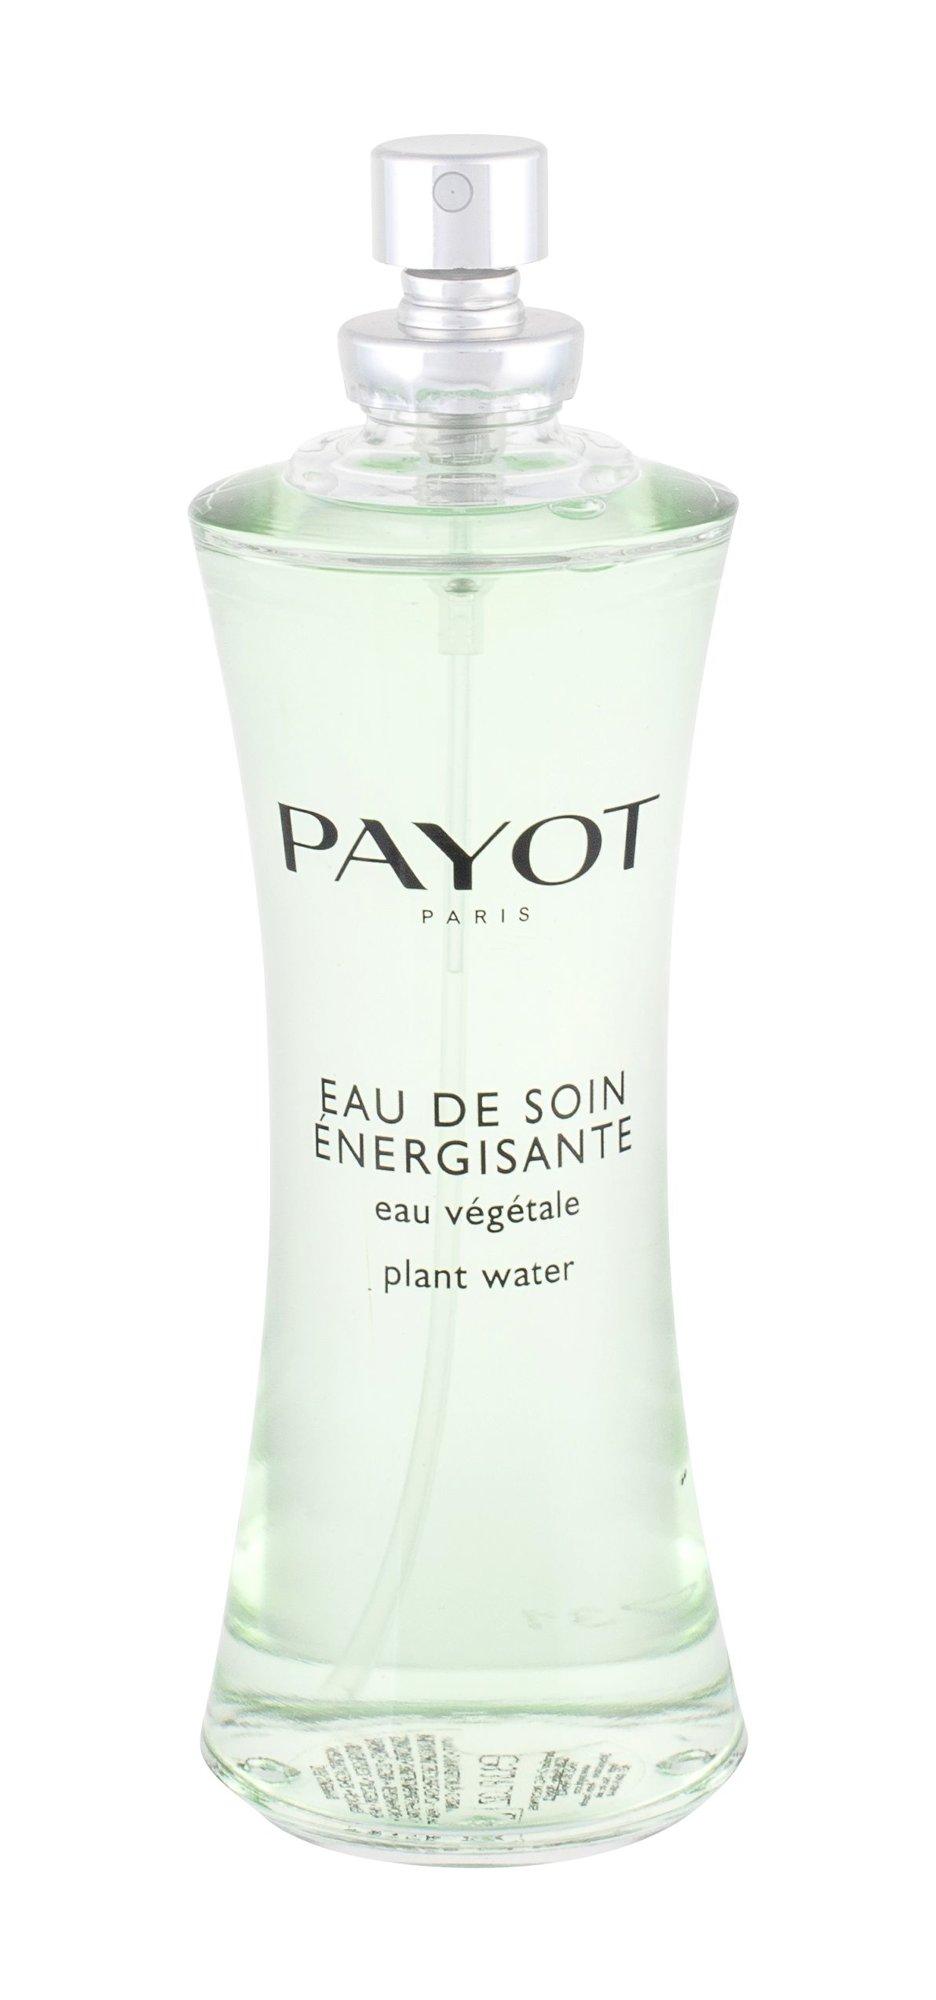 PAYOT Le Corps Tělová voda 100ml  Eau De Soin Energisante